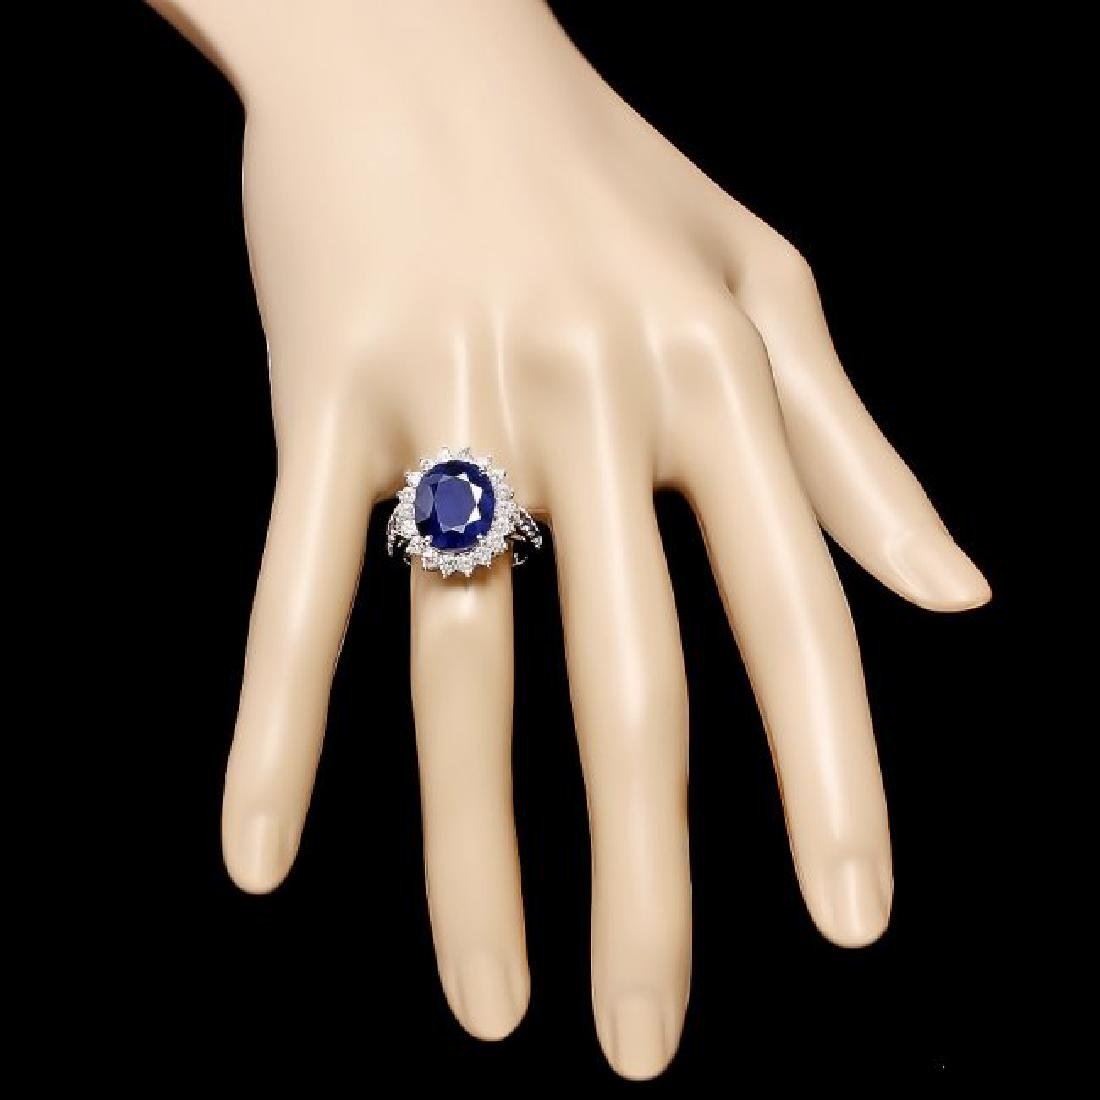 14k White Gold 7.5ct Sapphire 1.00ct Diamond Ring - 4